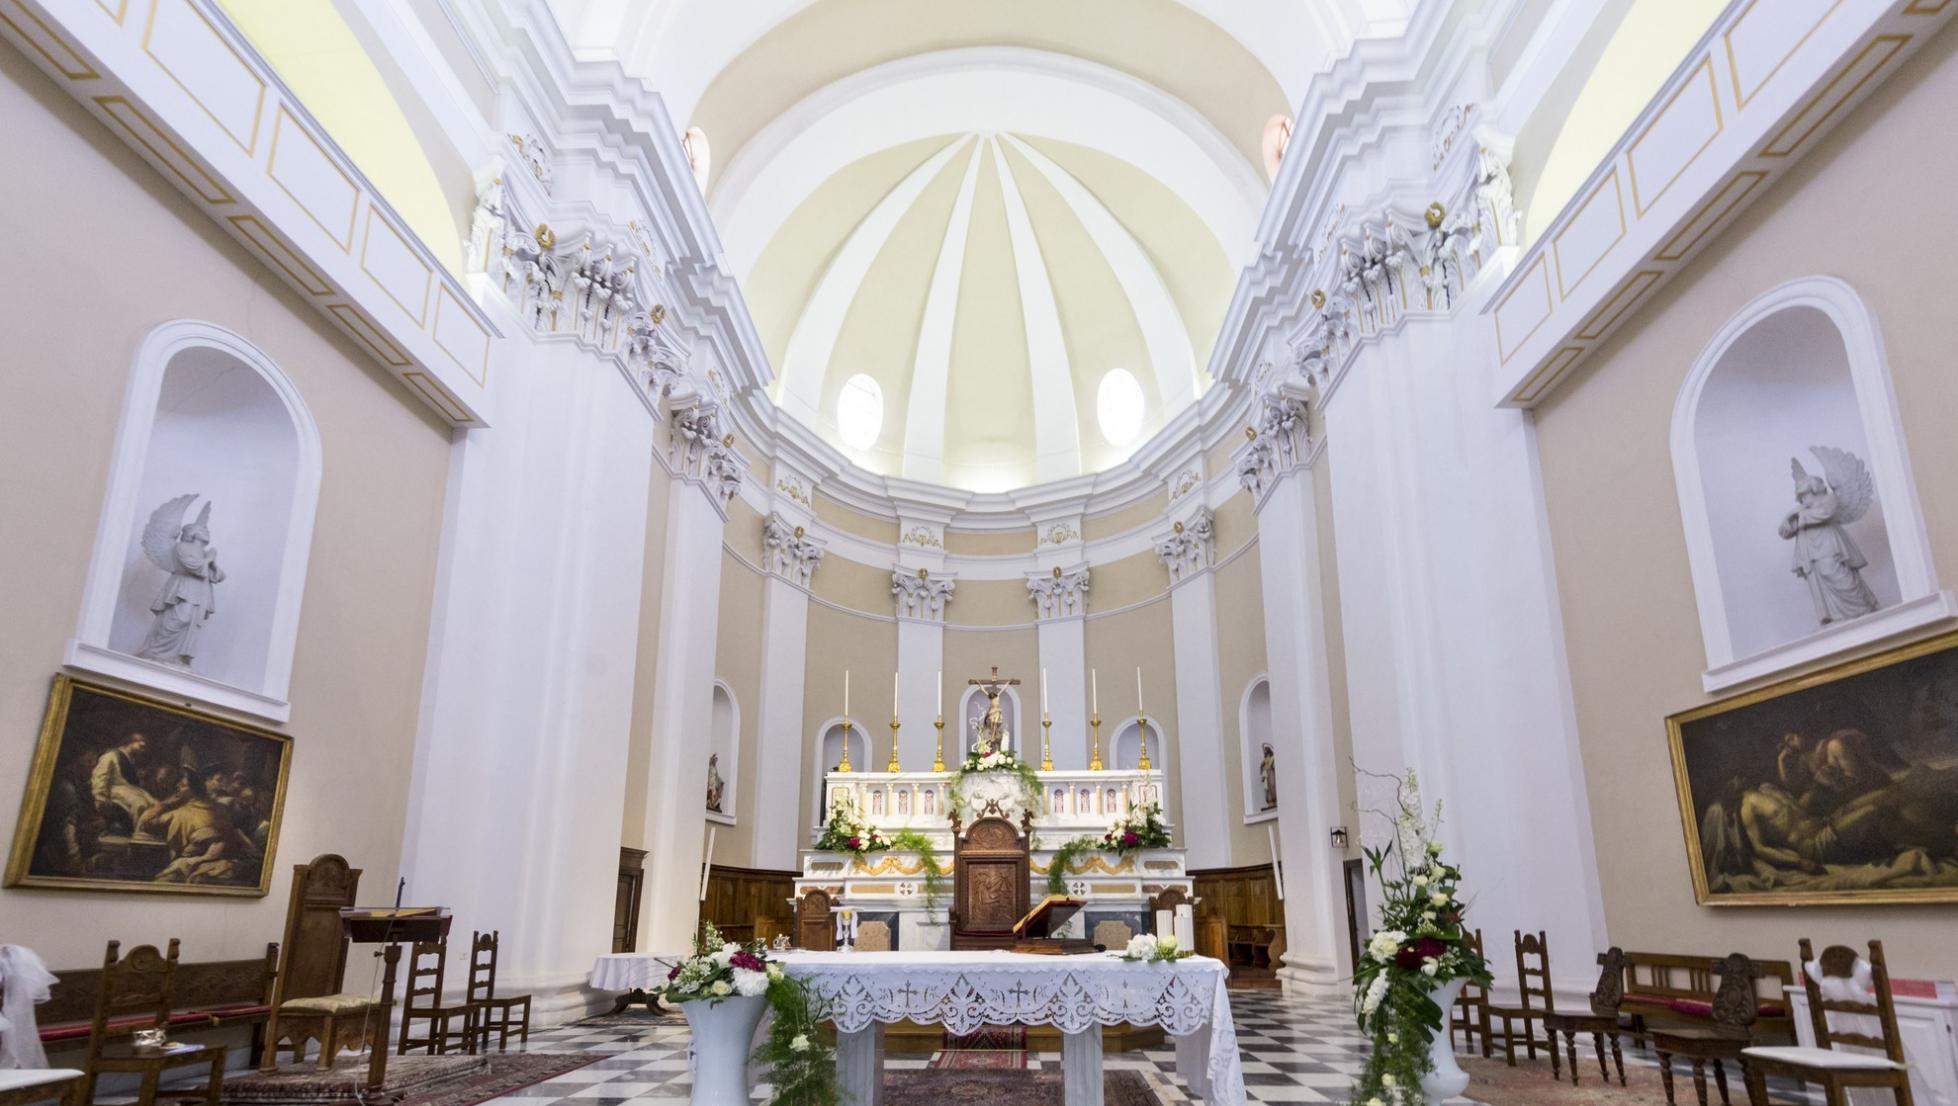 Cattedrale santa Maria della Neve, interno  - Nuoro